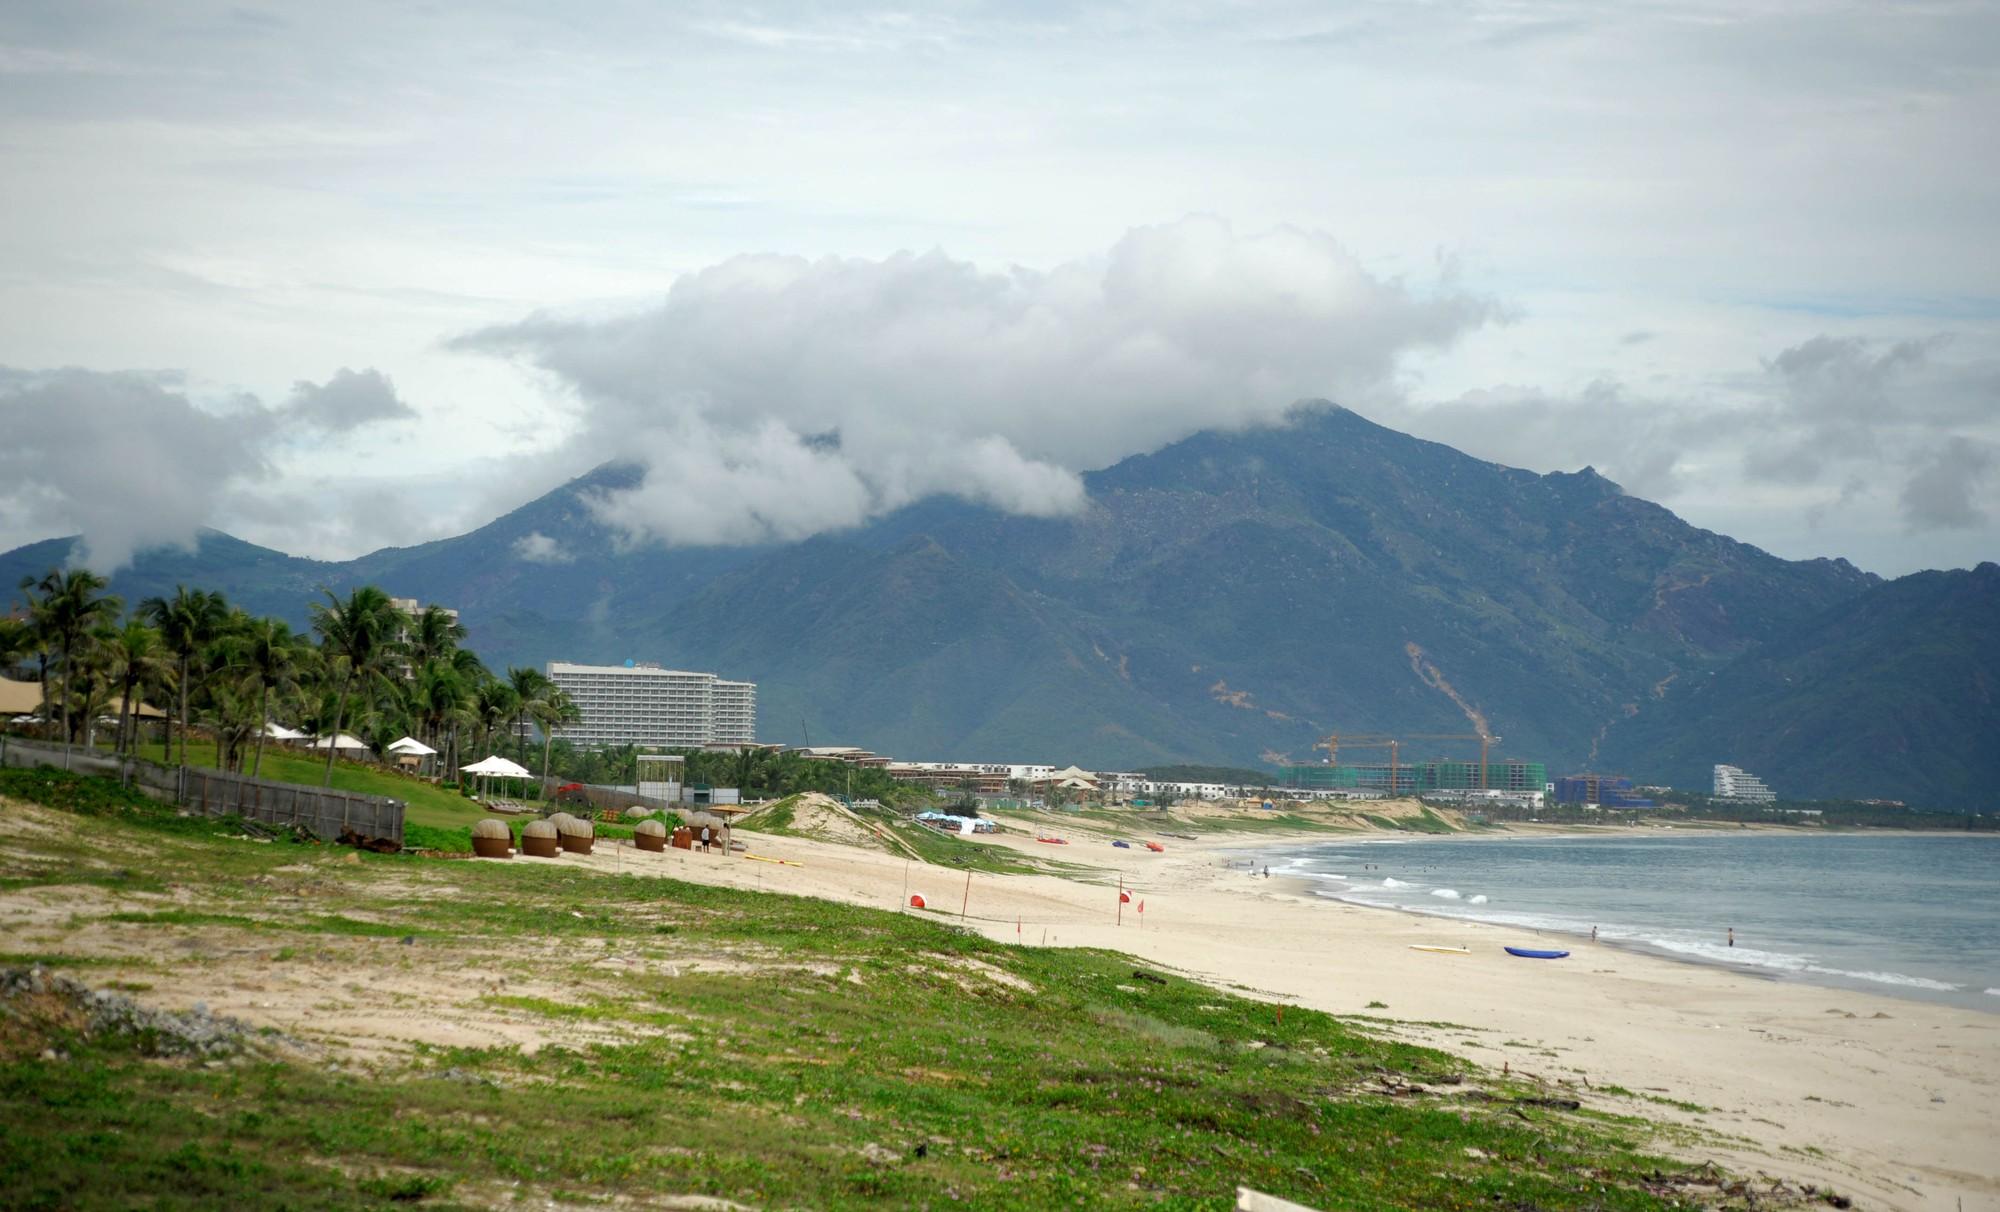 KDL Bắc Bán đảo Cam Ranh: Nhiều dự án chậm tiến độ, vượt quá qui hoạch và vướng đất ở không hình thành đơn vị ở - Ảnh 3.